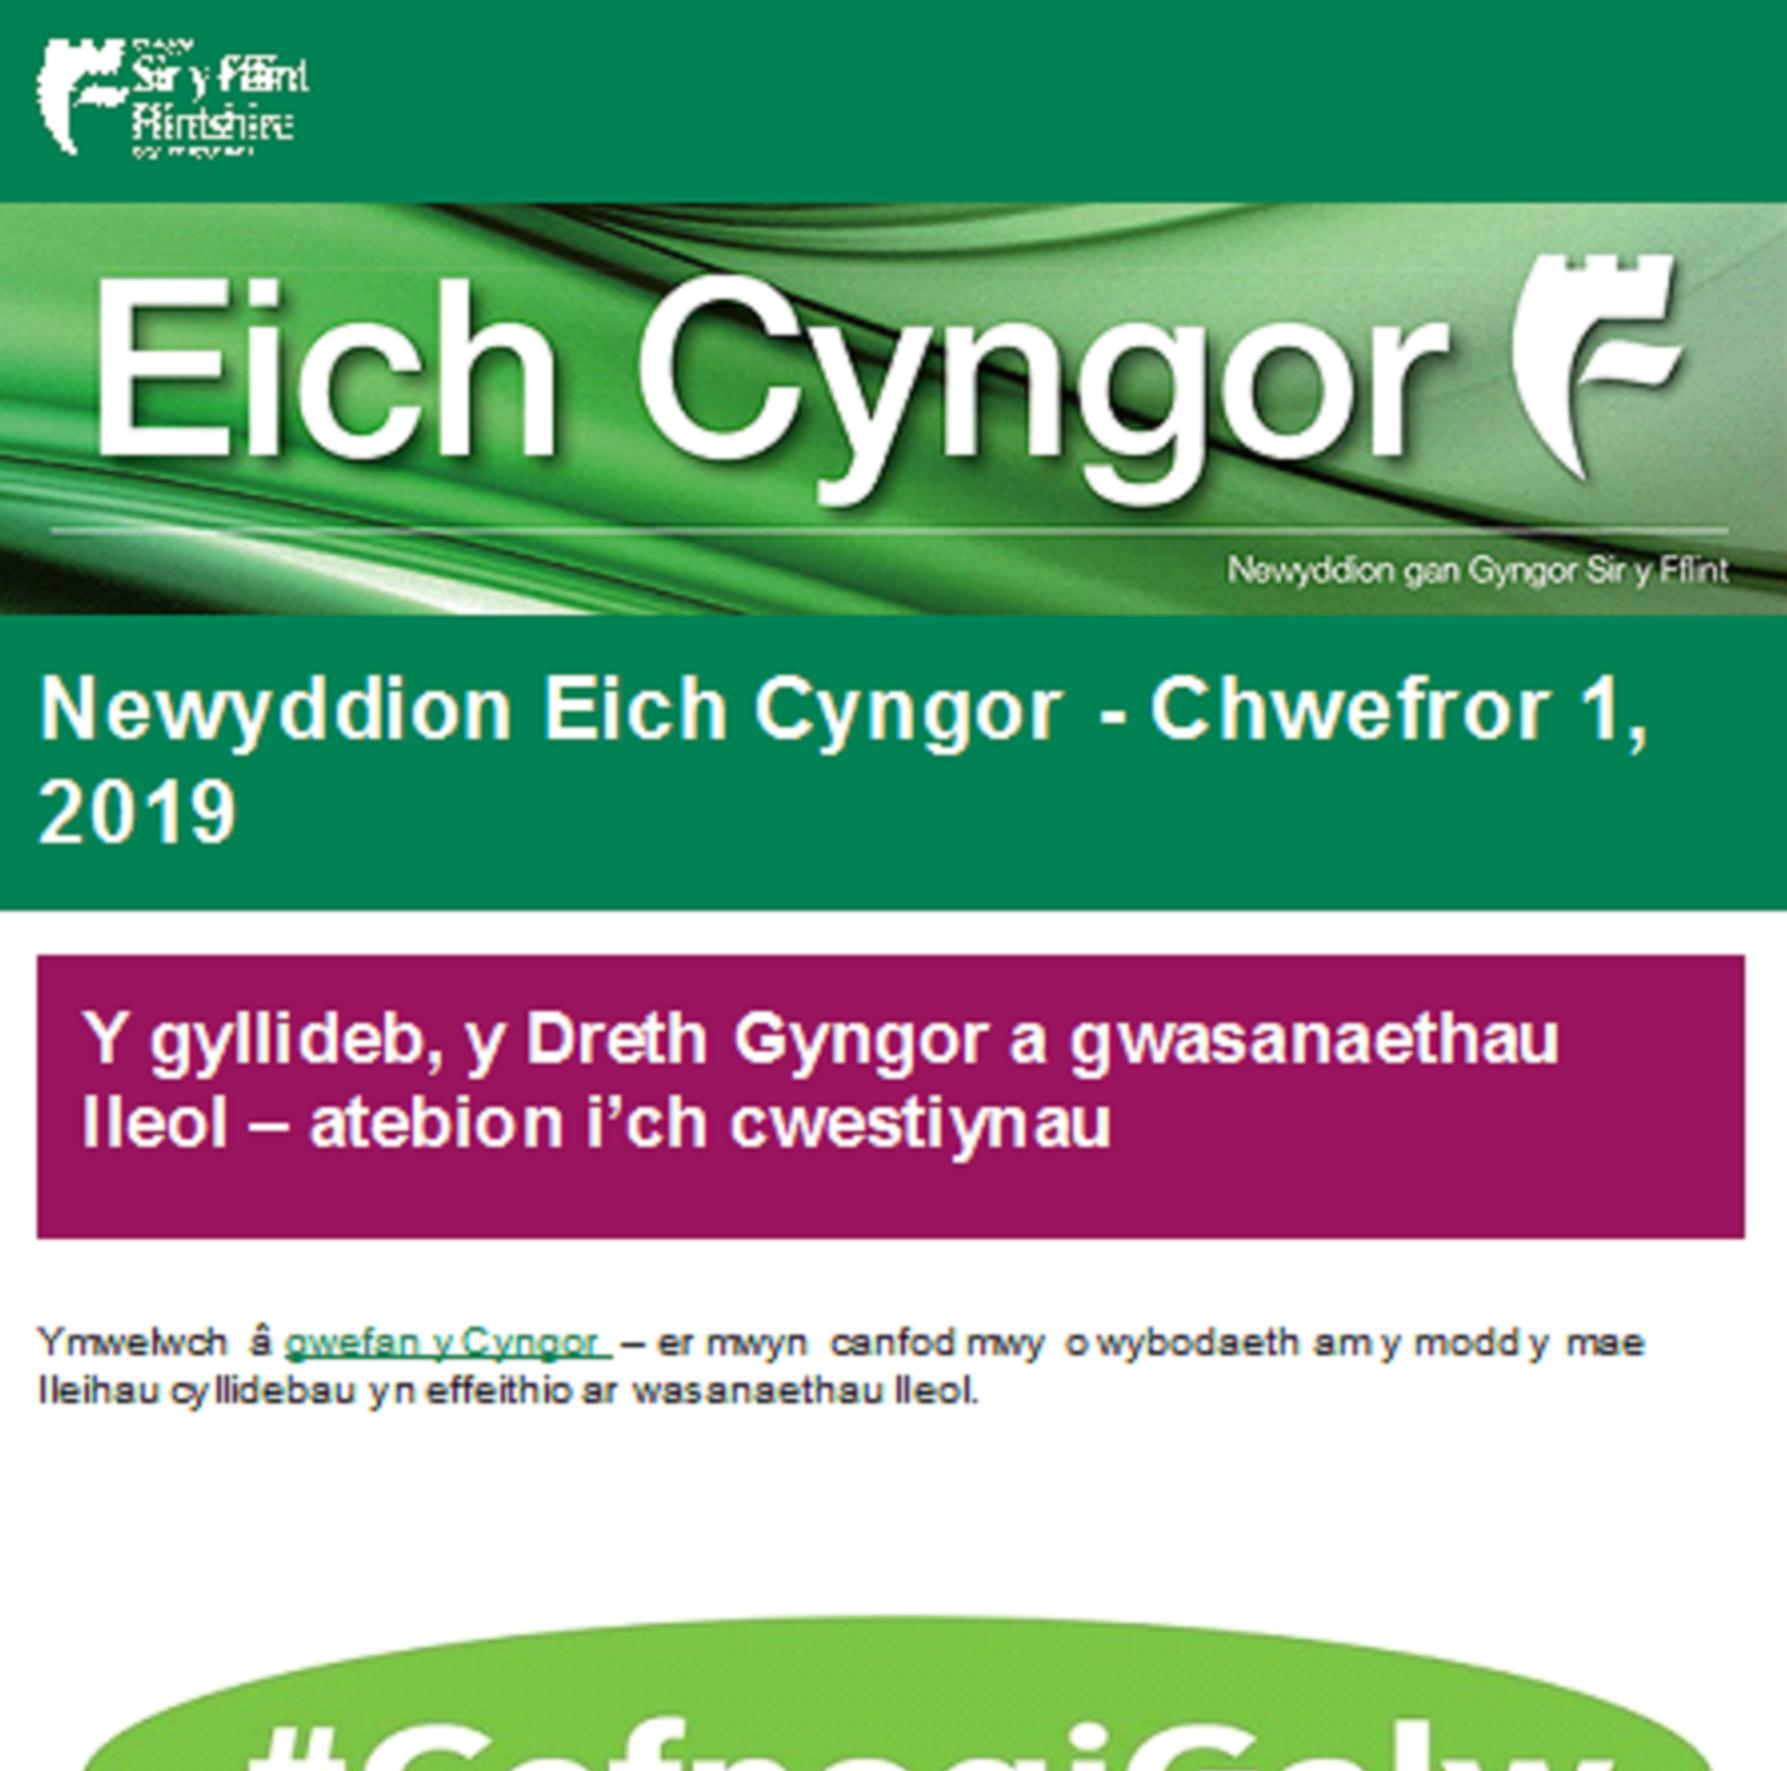 Eich Cyngor - 1 Chwefror 2019.png